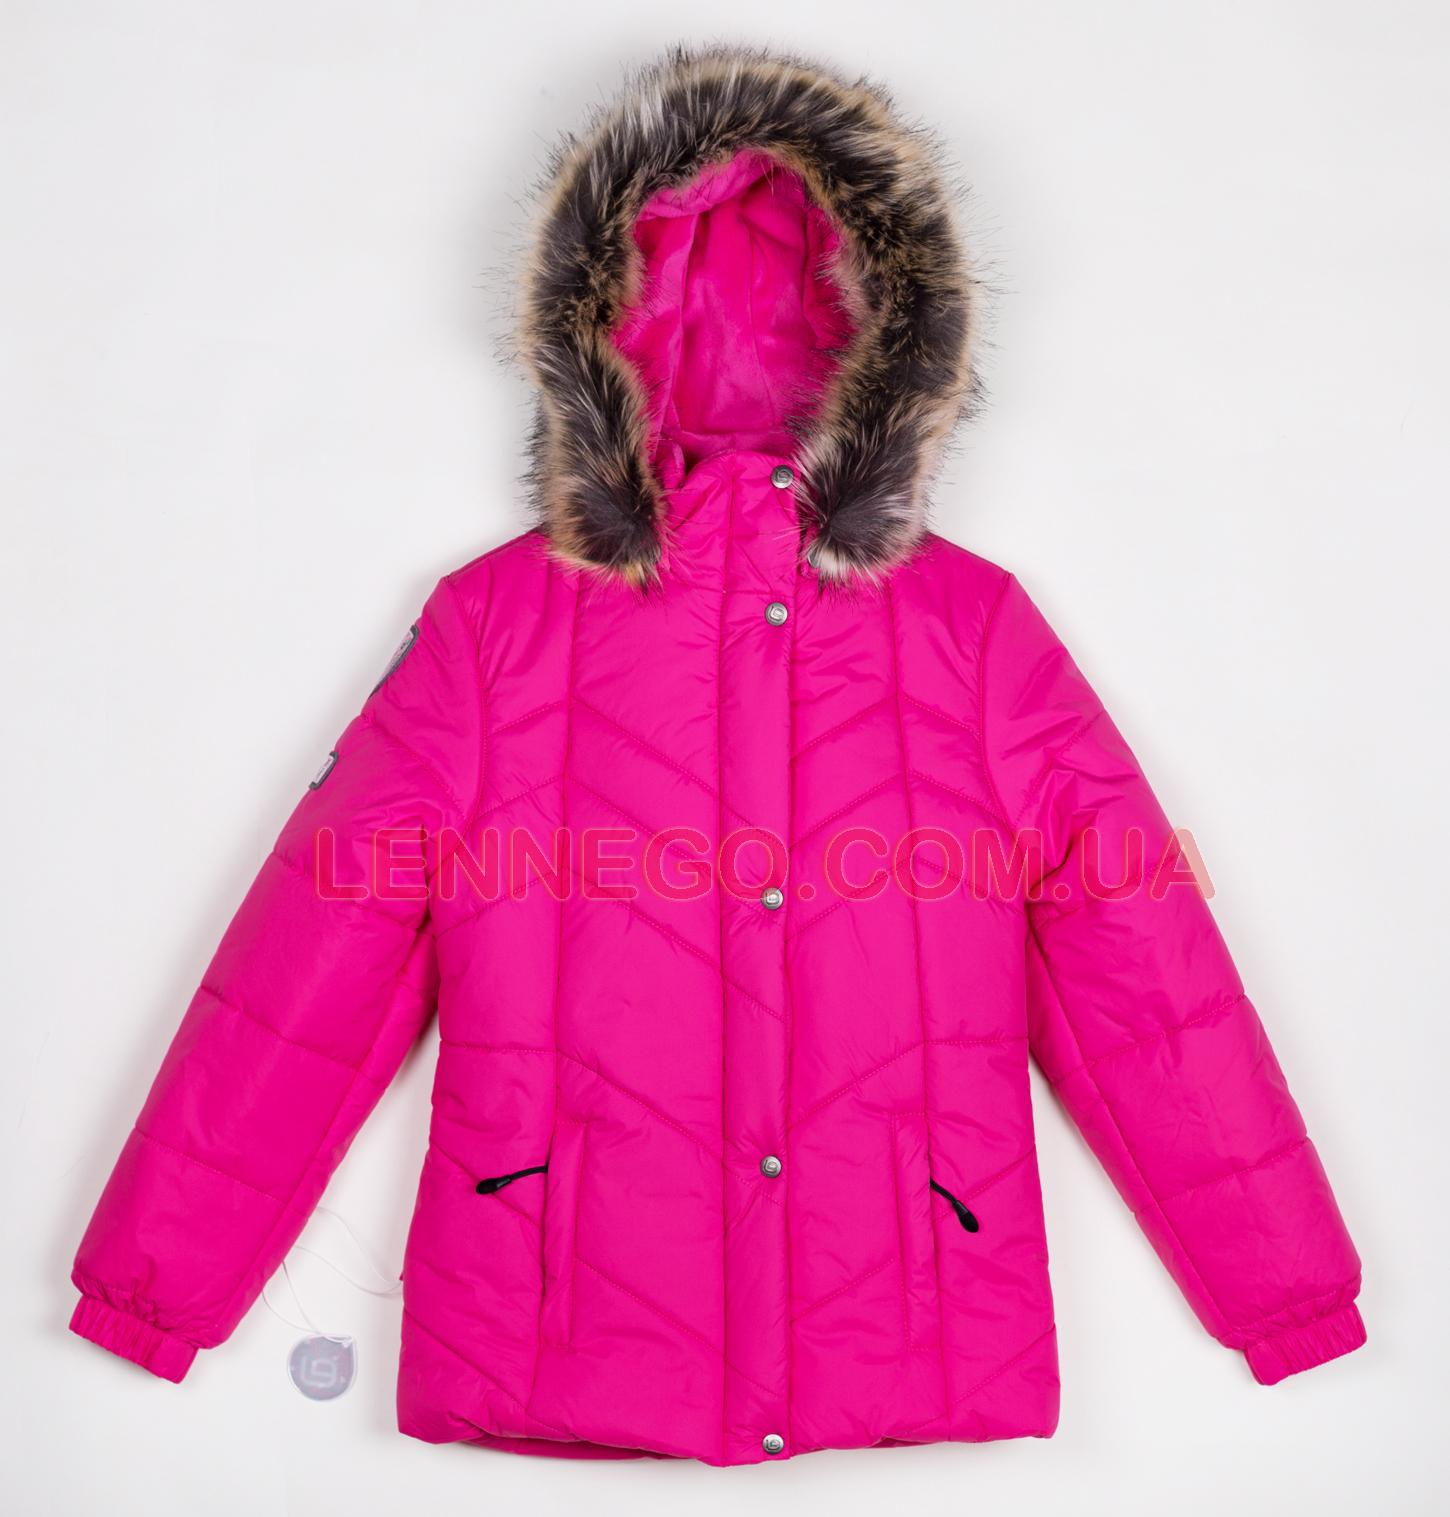 Lenne '17 Сlara Art.16360/264 Bērnu siltā ziemas termo jaciņa [jaka] (140-146 cm)